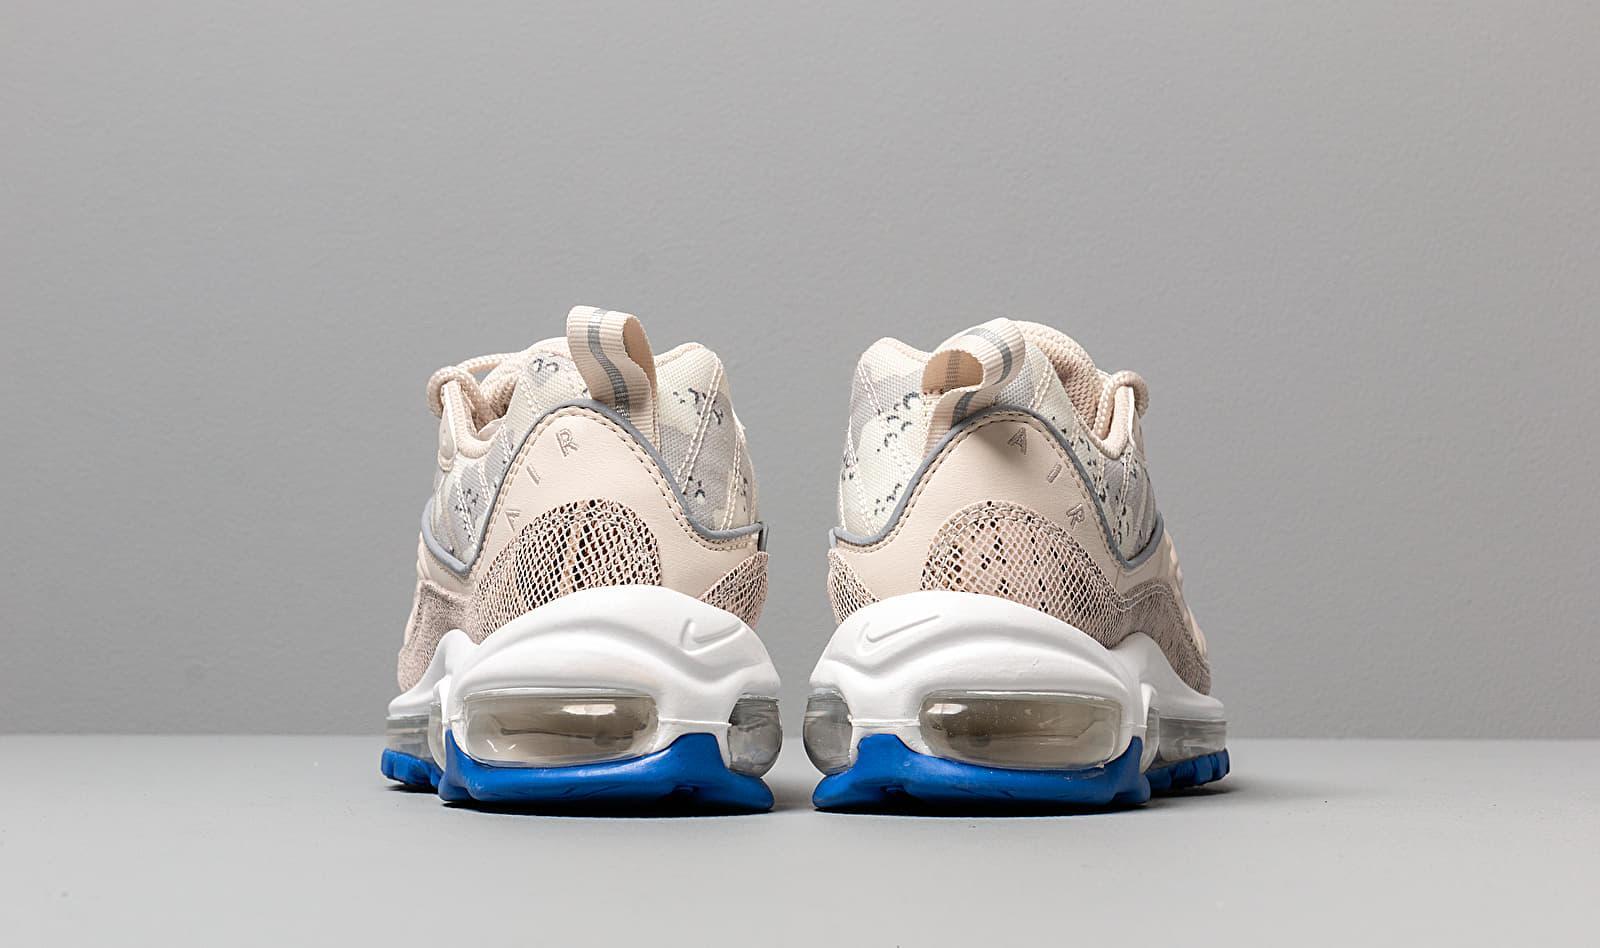 Damen|Herren Klassisch & Retro | Nike Nike Air Max 98 White